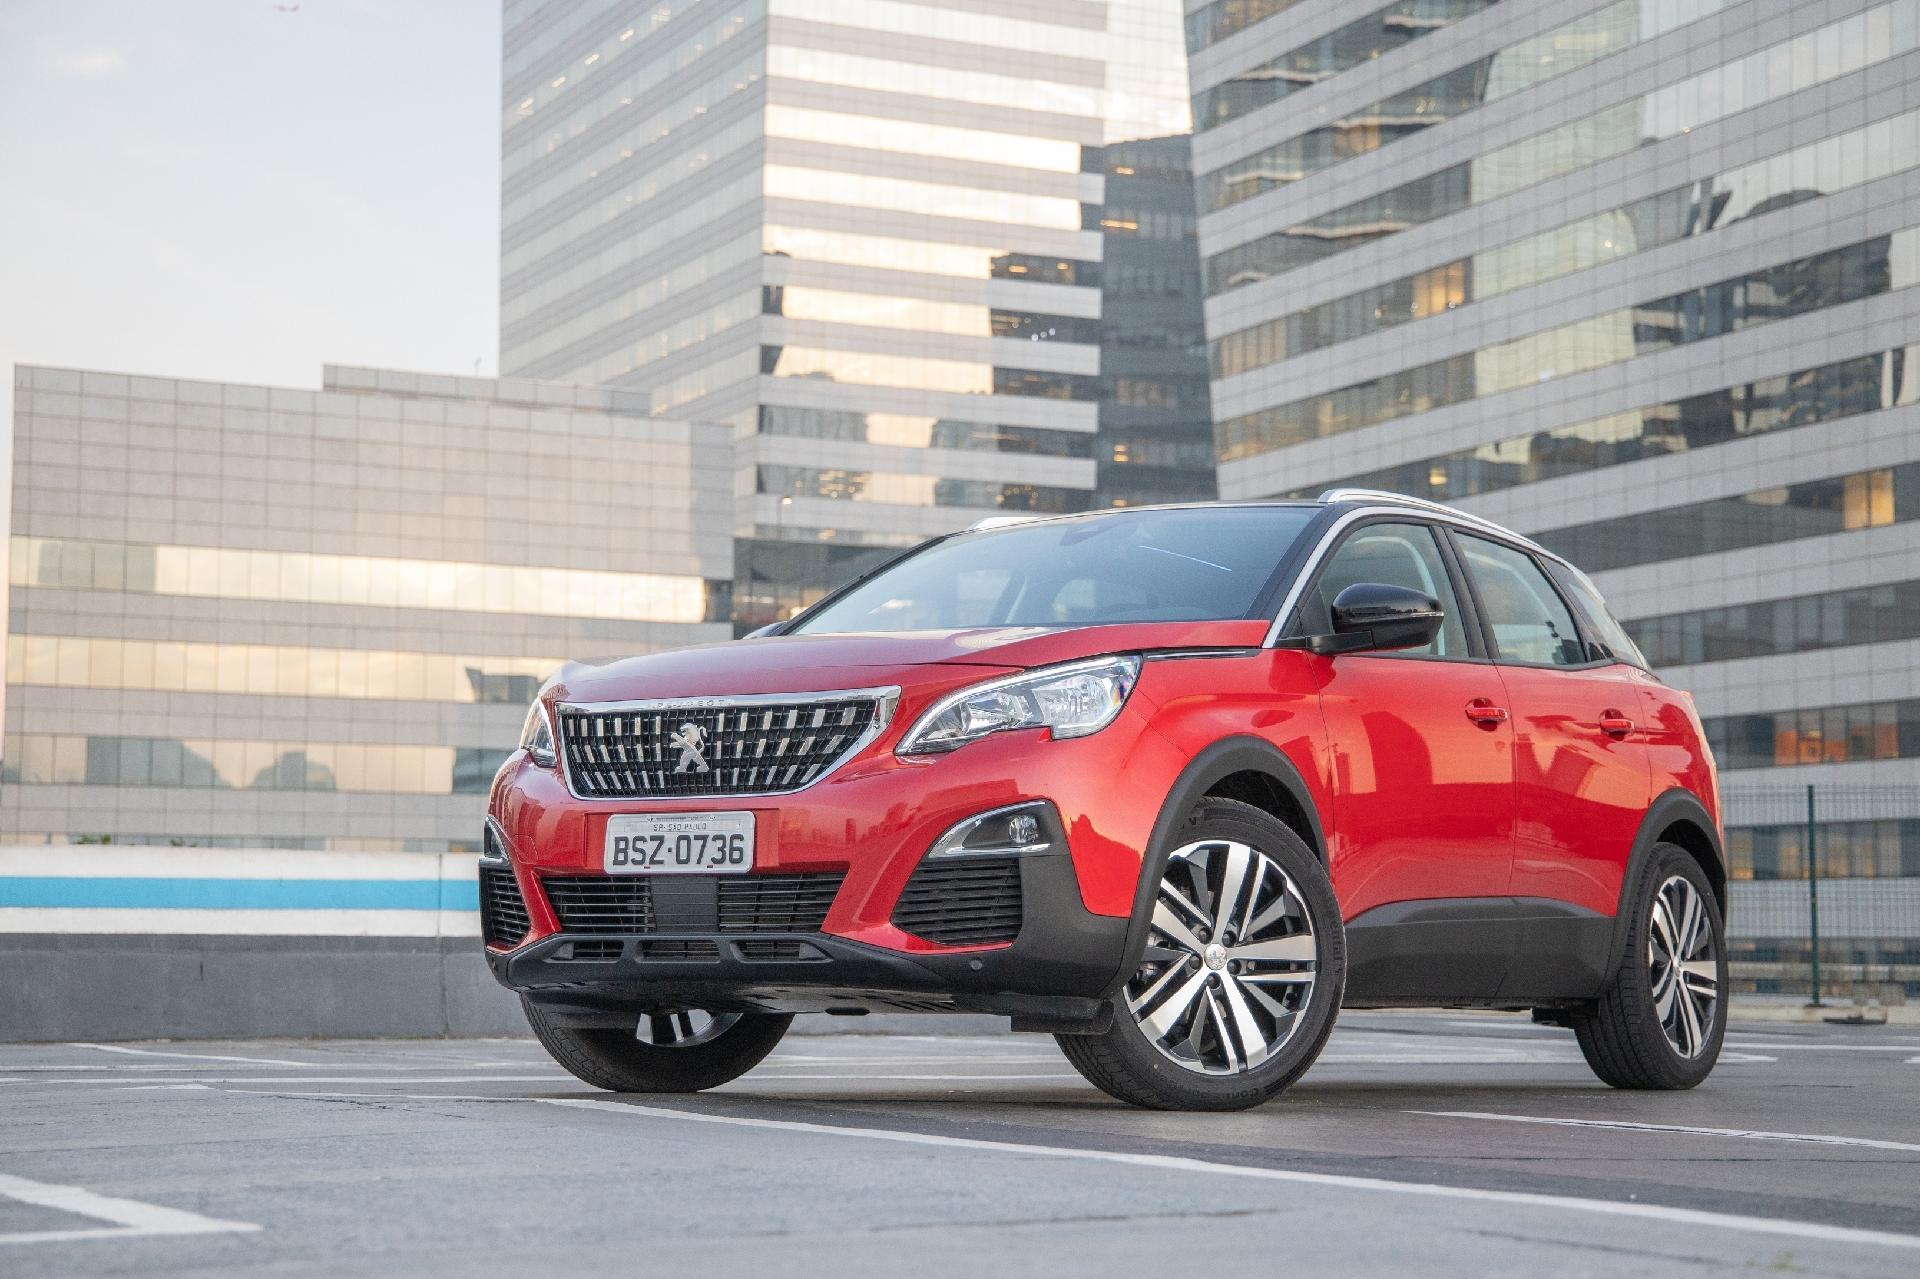 Peugeot 3008 Allure Tem Design E Conteudo A Preco De Suv Compacto Completo